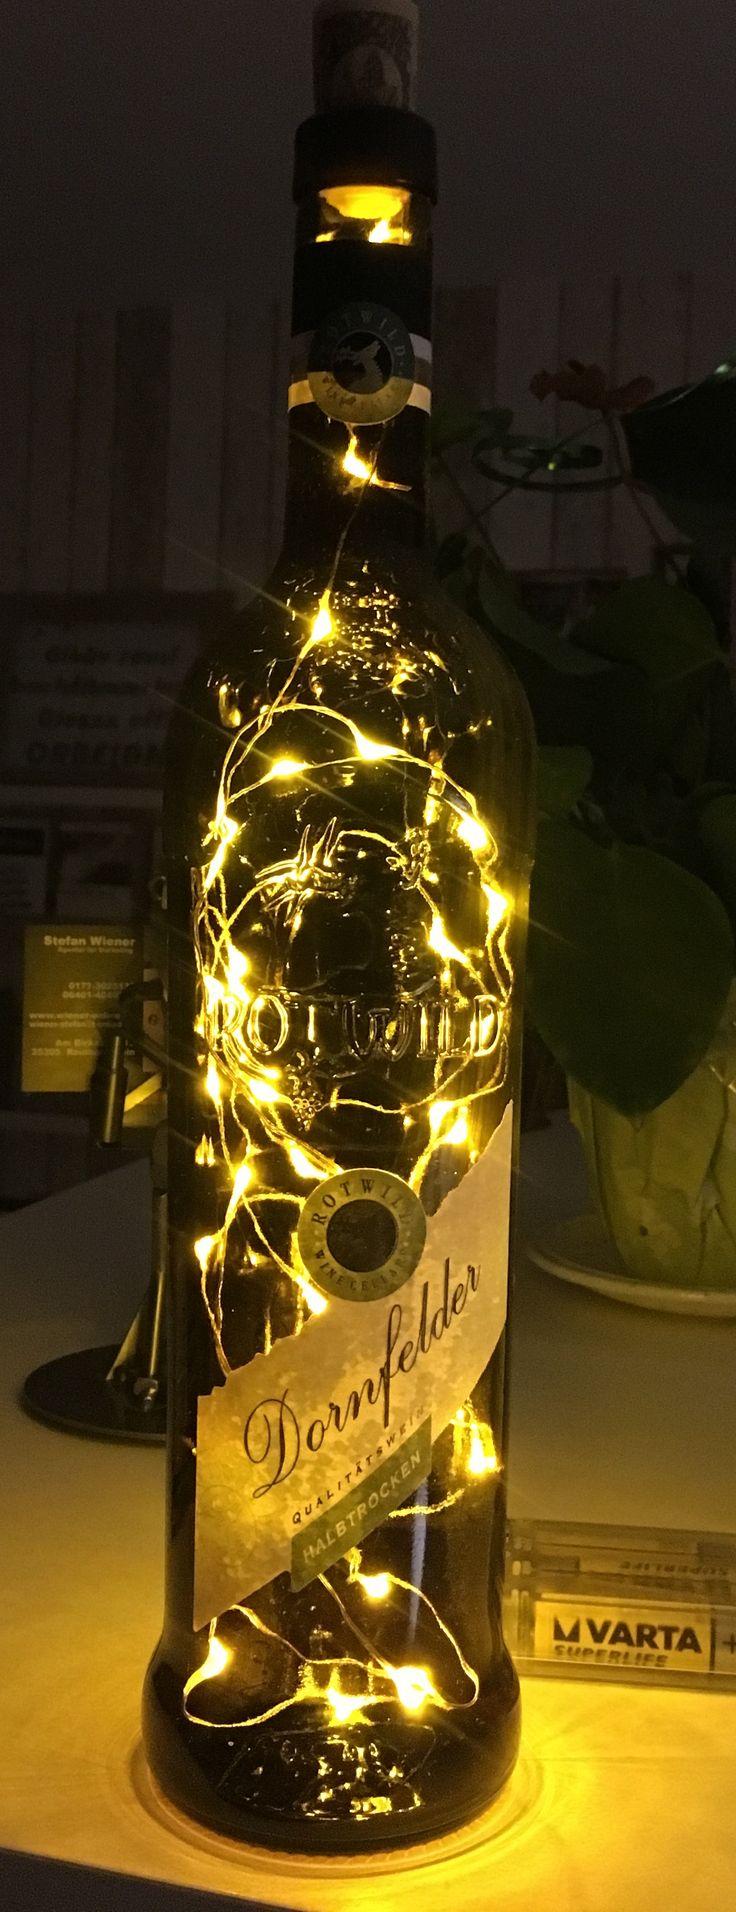 Rotweinflasche 0,7 L als LED Flaschenlampe!  Diese Beleuchtungsvariante ist einfach ein Eyecatcher! Eine filigrane LED-Ketten werden in Handarbeit in die Flaschen eingefügt, ein kleines, verschlossenes Loch auf der Rückseite der Flasche lässt das Kabel zum Batteriekästchen durch. Die Lichterkette wird mit  3 AA Batterien betrieben. Ausführung Lichterkette hier mit 40 LED.